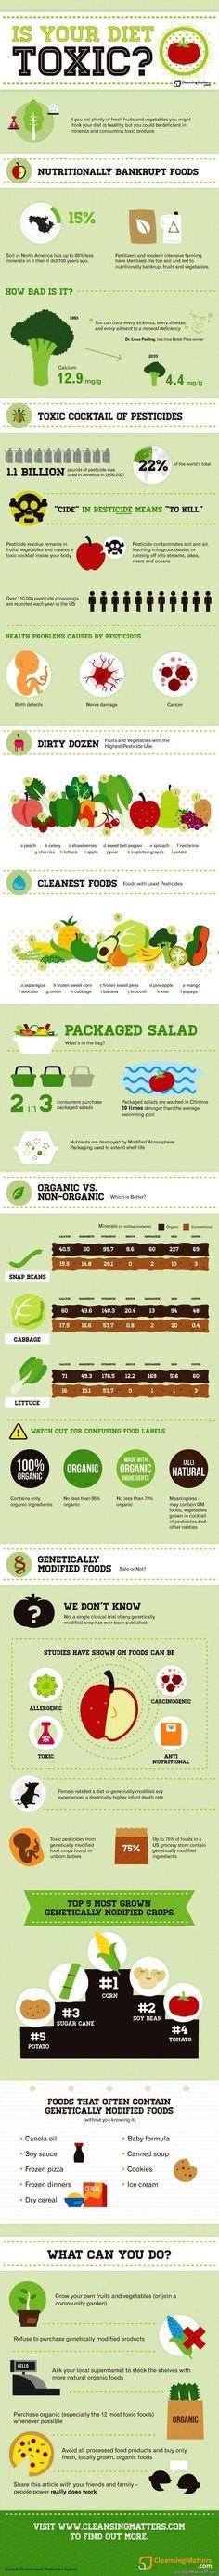 Toxic Diet Infographic... via topoftheline99.com